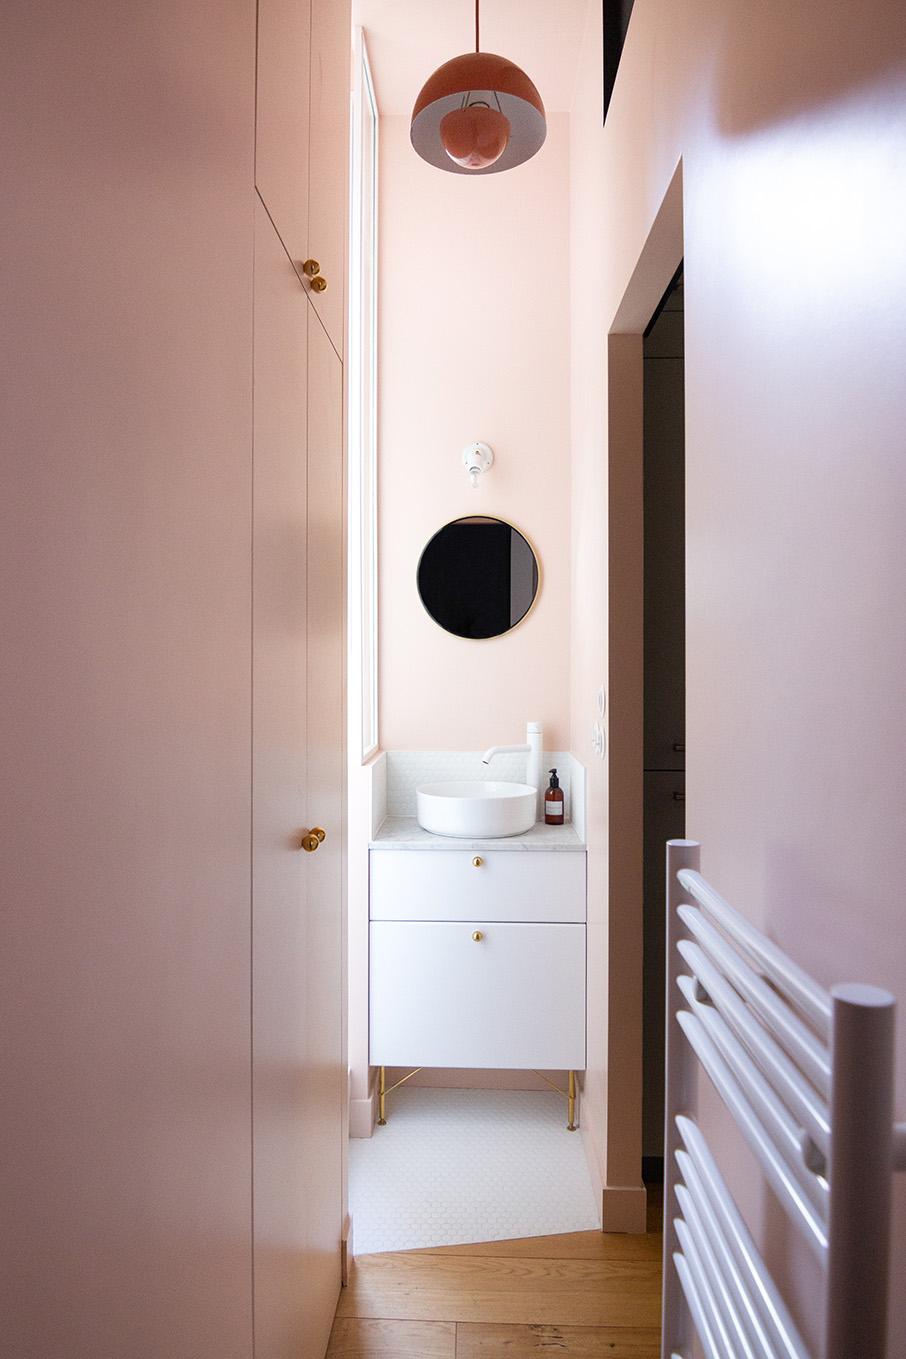 Rénovation appartement haussmannien - salle de bains Pink ground et mosaïque hexagonale blanc - Architecte intérieur Paris - Studio Mariekke